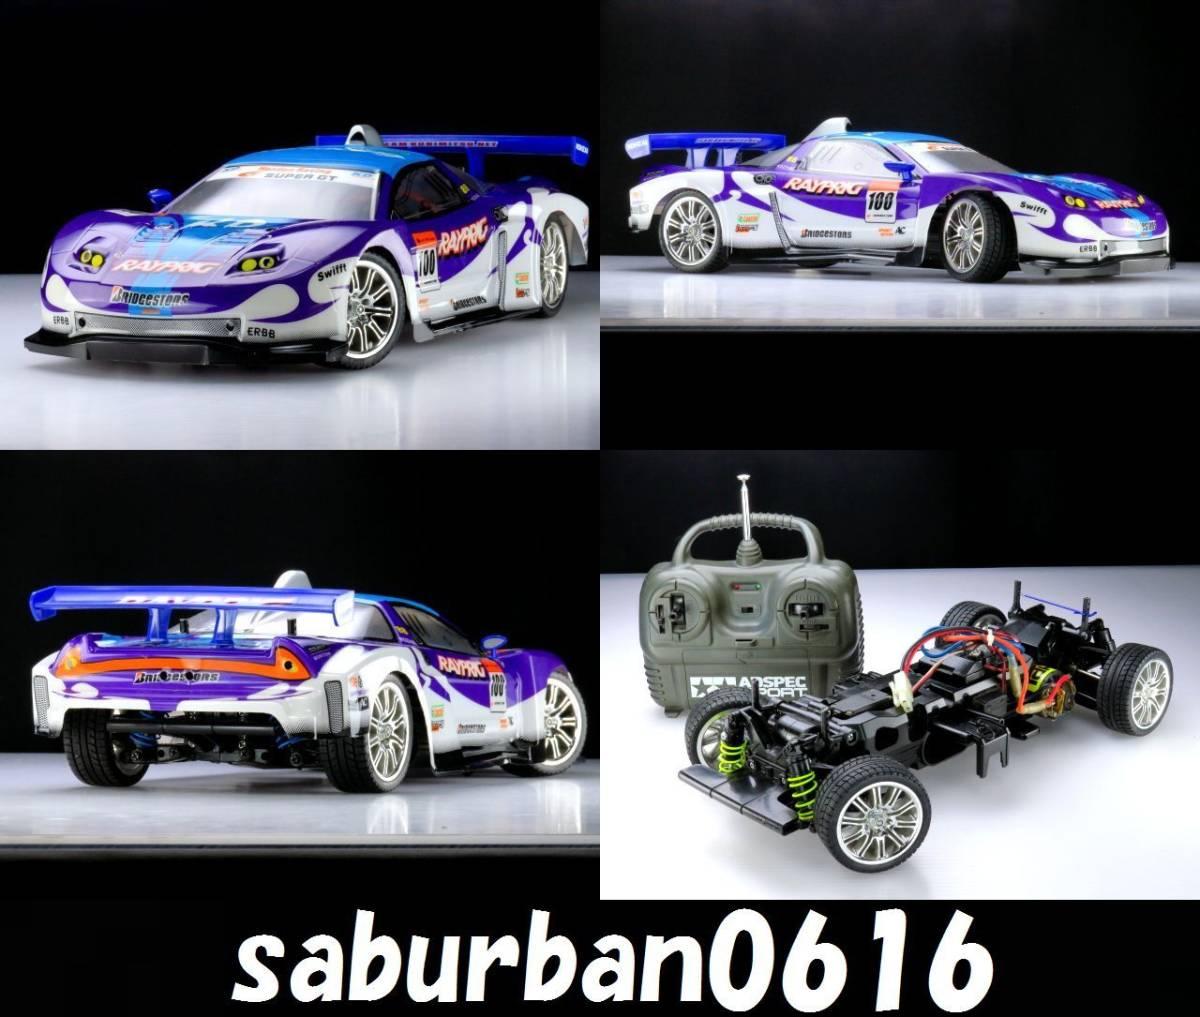 RC0101 TL01 ホンダ NSX レイブリック 2005 タミヤ 1/10 セット 入門 初心者 峠 走り屋 ツーリング スポーツカー 高級車 GT 4WD メカ動作OK_画像1